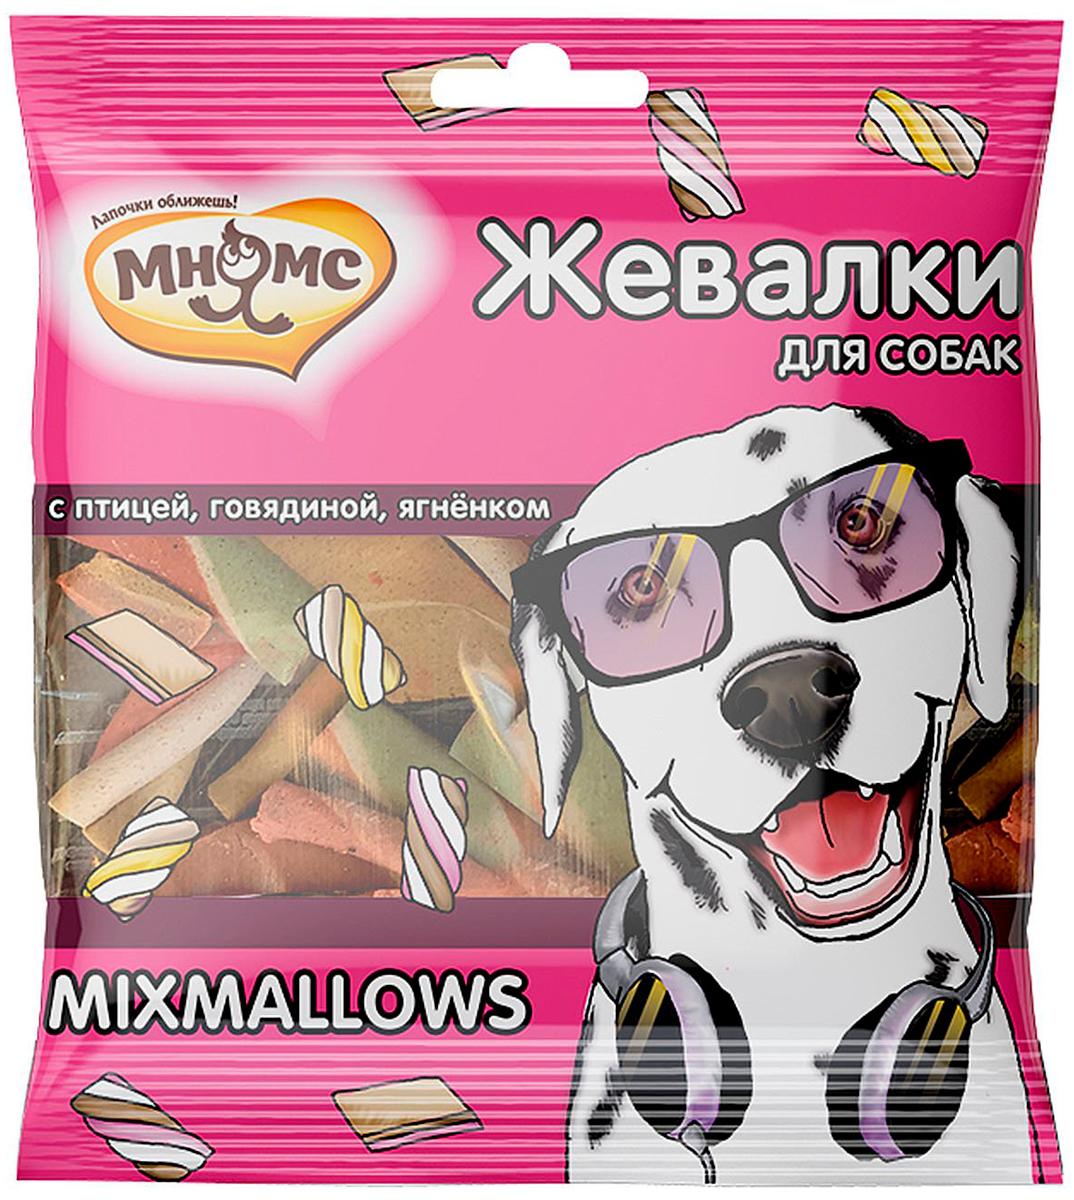 Лакомство мнямс жевалки Mixmallows для собак с птицей, говядиной и ягненком (150 гр)